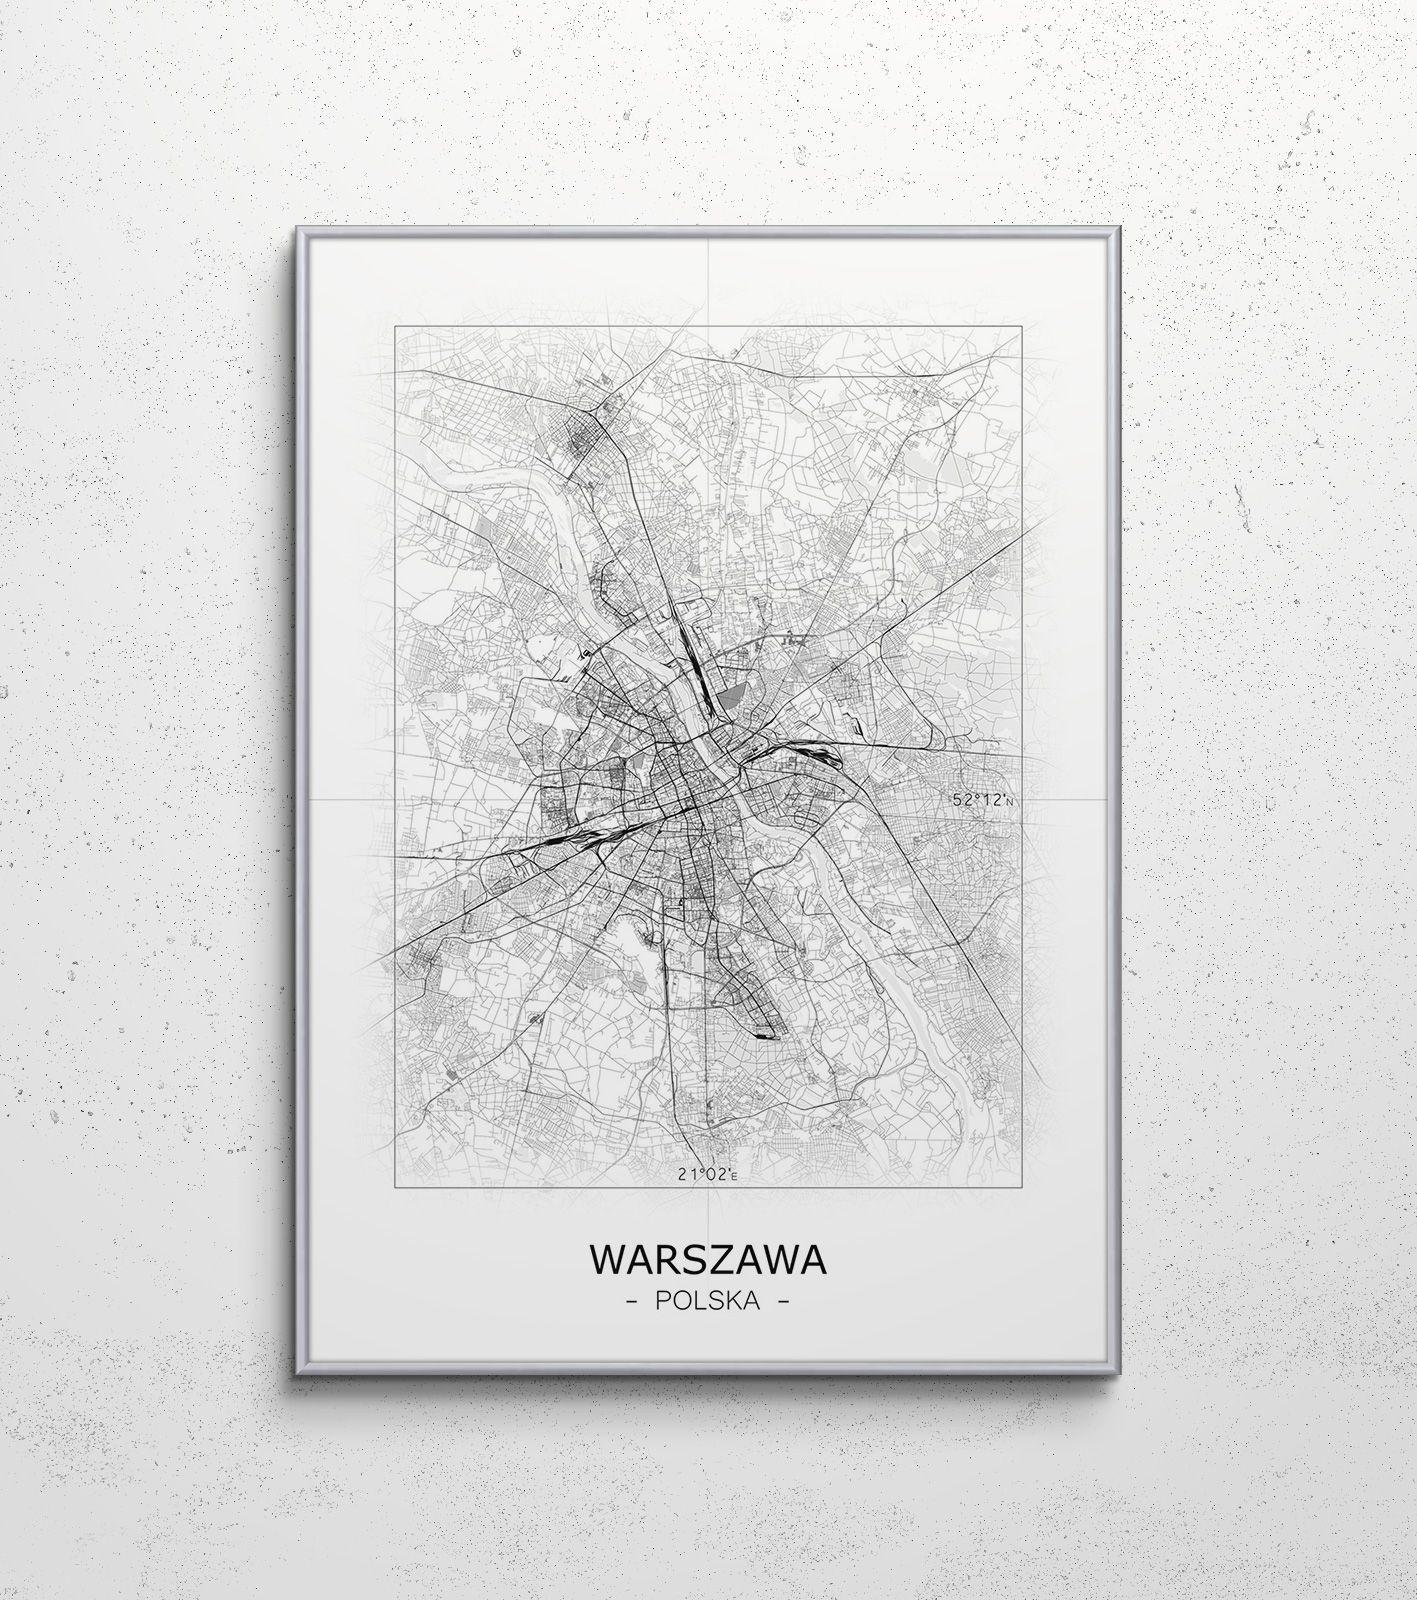 Plakat Mapa Warszawa Gdzie Kupić Wwweplakatypl Mapy